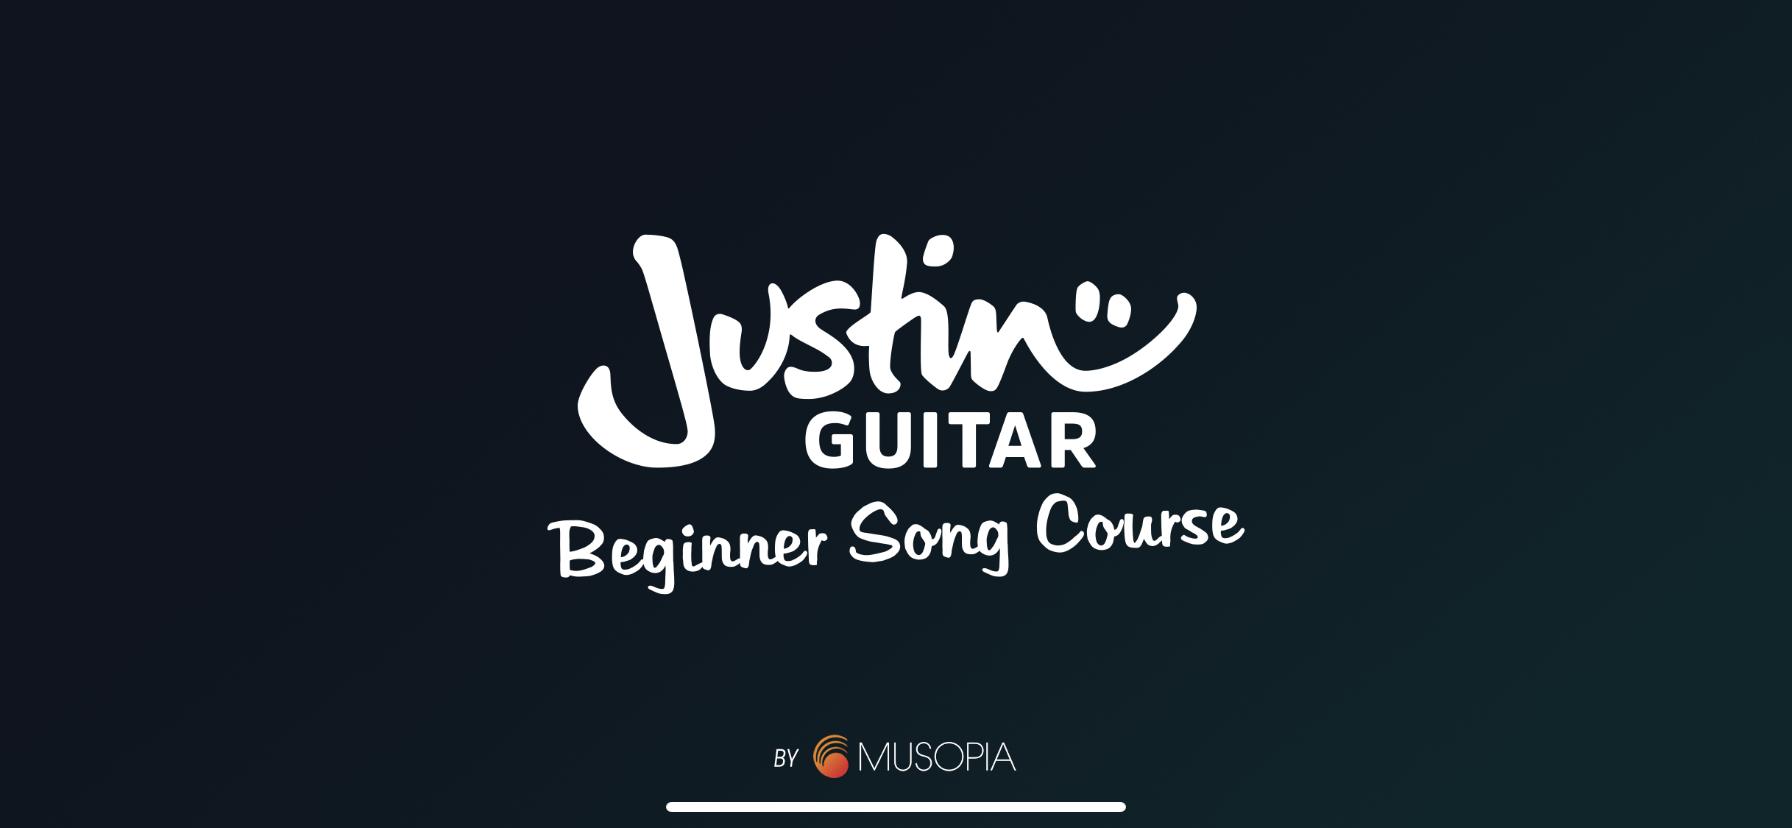 JustinGuitar iPhone App_1